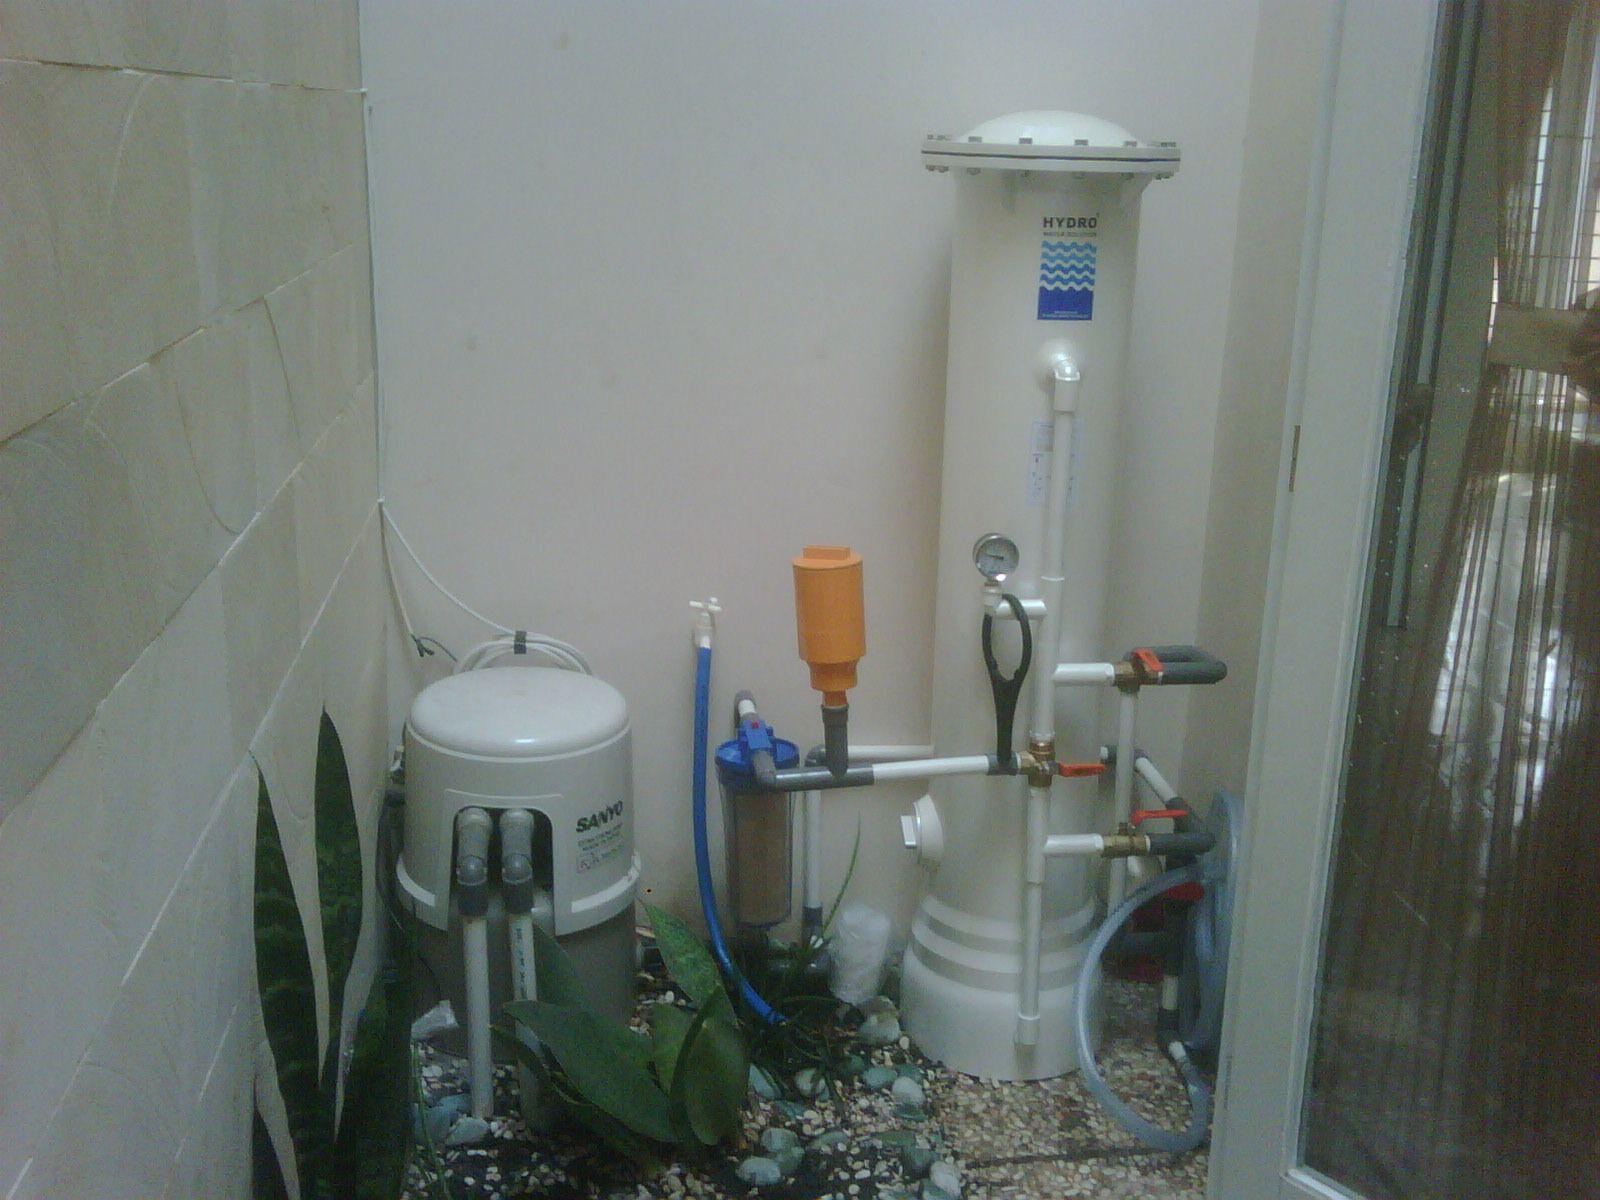 Pemasangan Filter Air Hydro 4000 di daerah Cibubur sudah